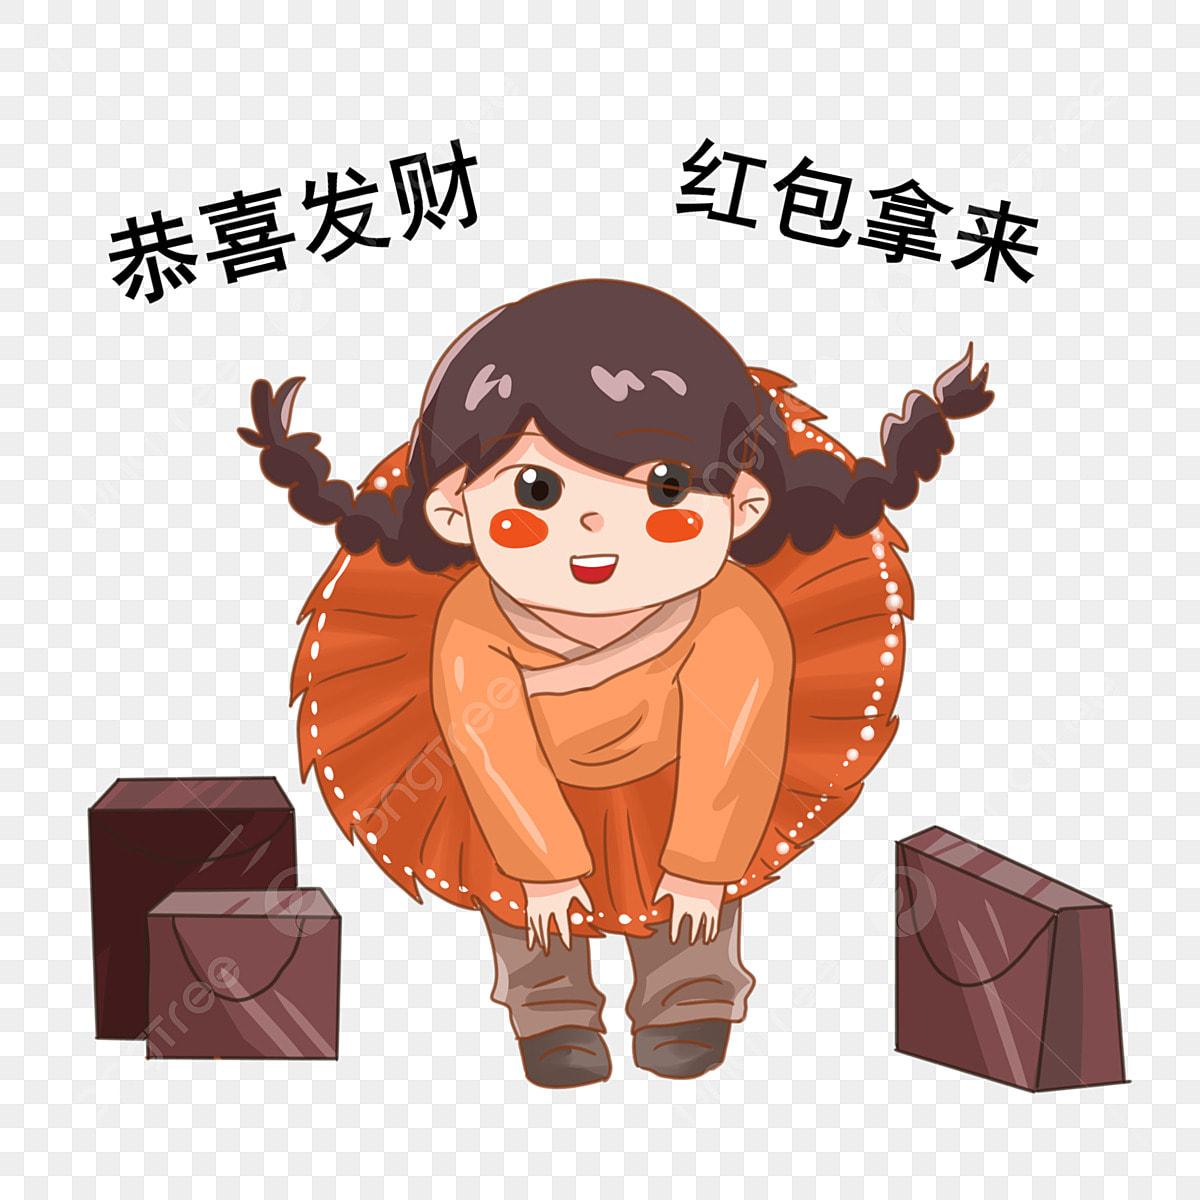 中国の旧正月の手描きイラスト 新年の小さな女の子 ブラウントート 新年の祝福 幸せな小さな女の子 新年の小さな女の子 小さな女の子のイラスト の中国の新年のご挨拶画像とpsd素材ファイルの無料ダウンロード Pngtree